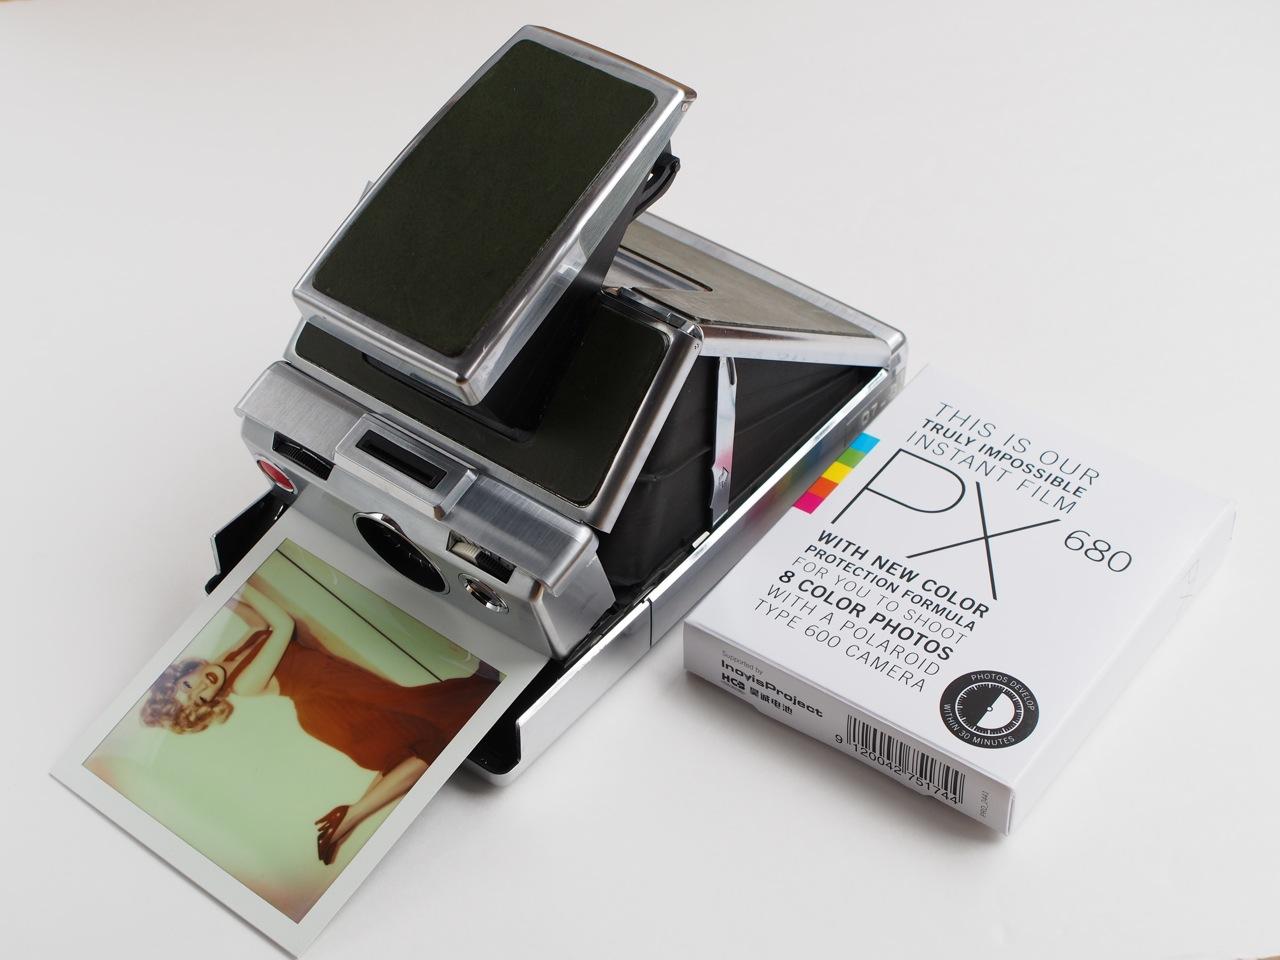 ポラロイド・アートのためのフィルムと道具